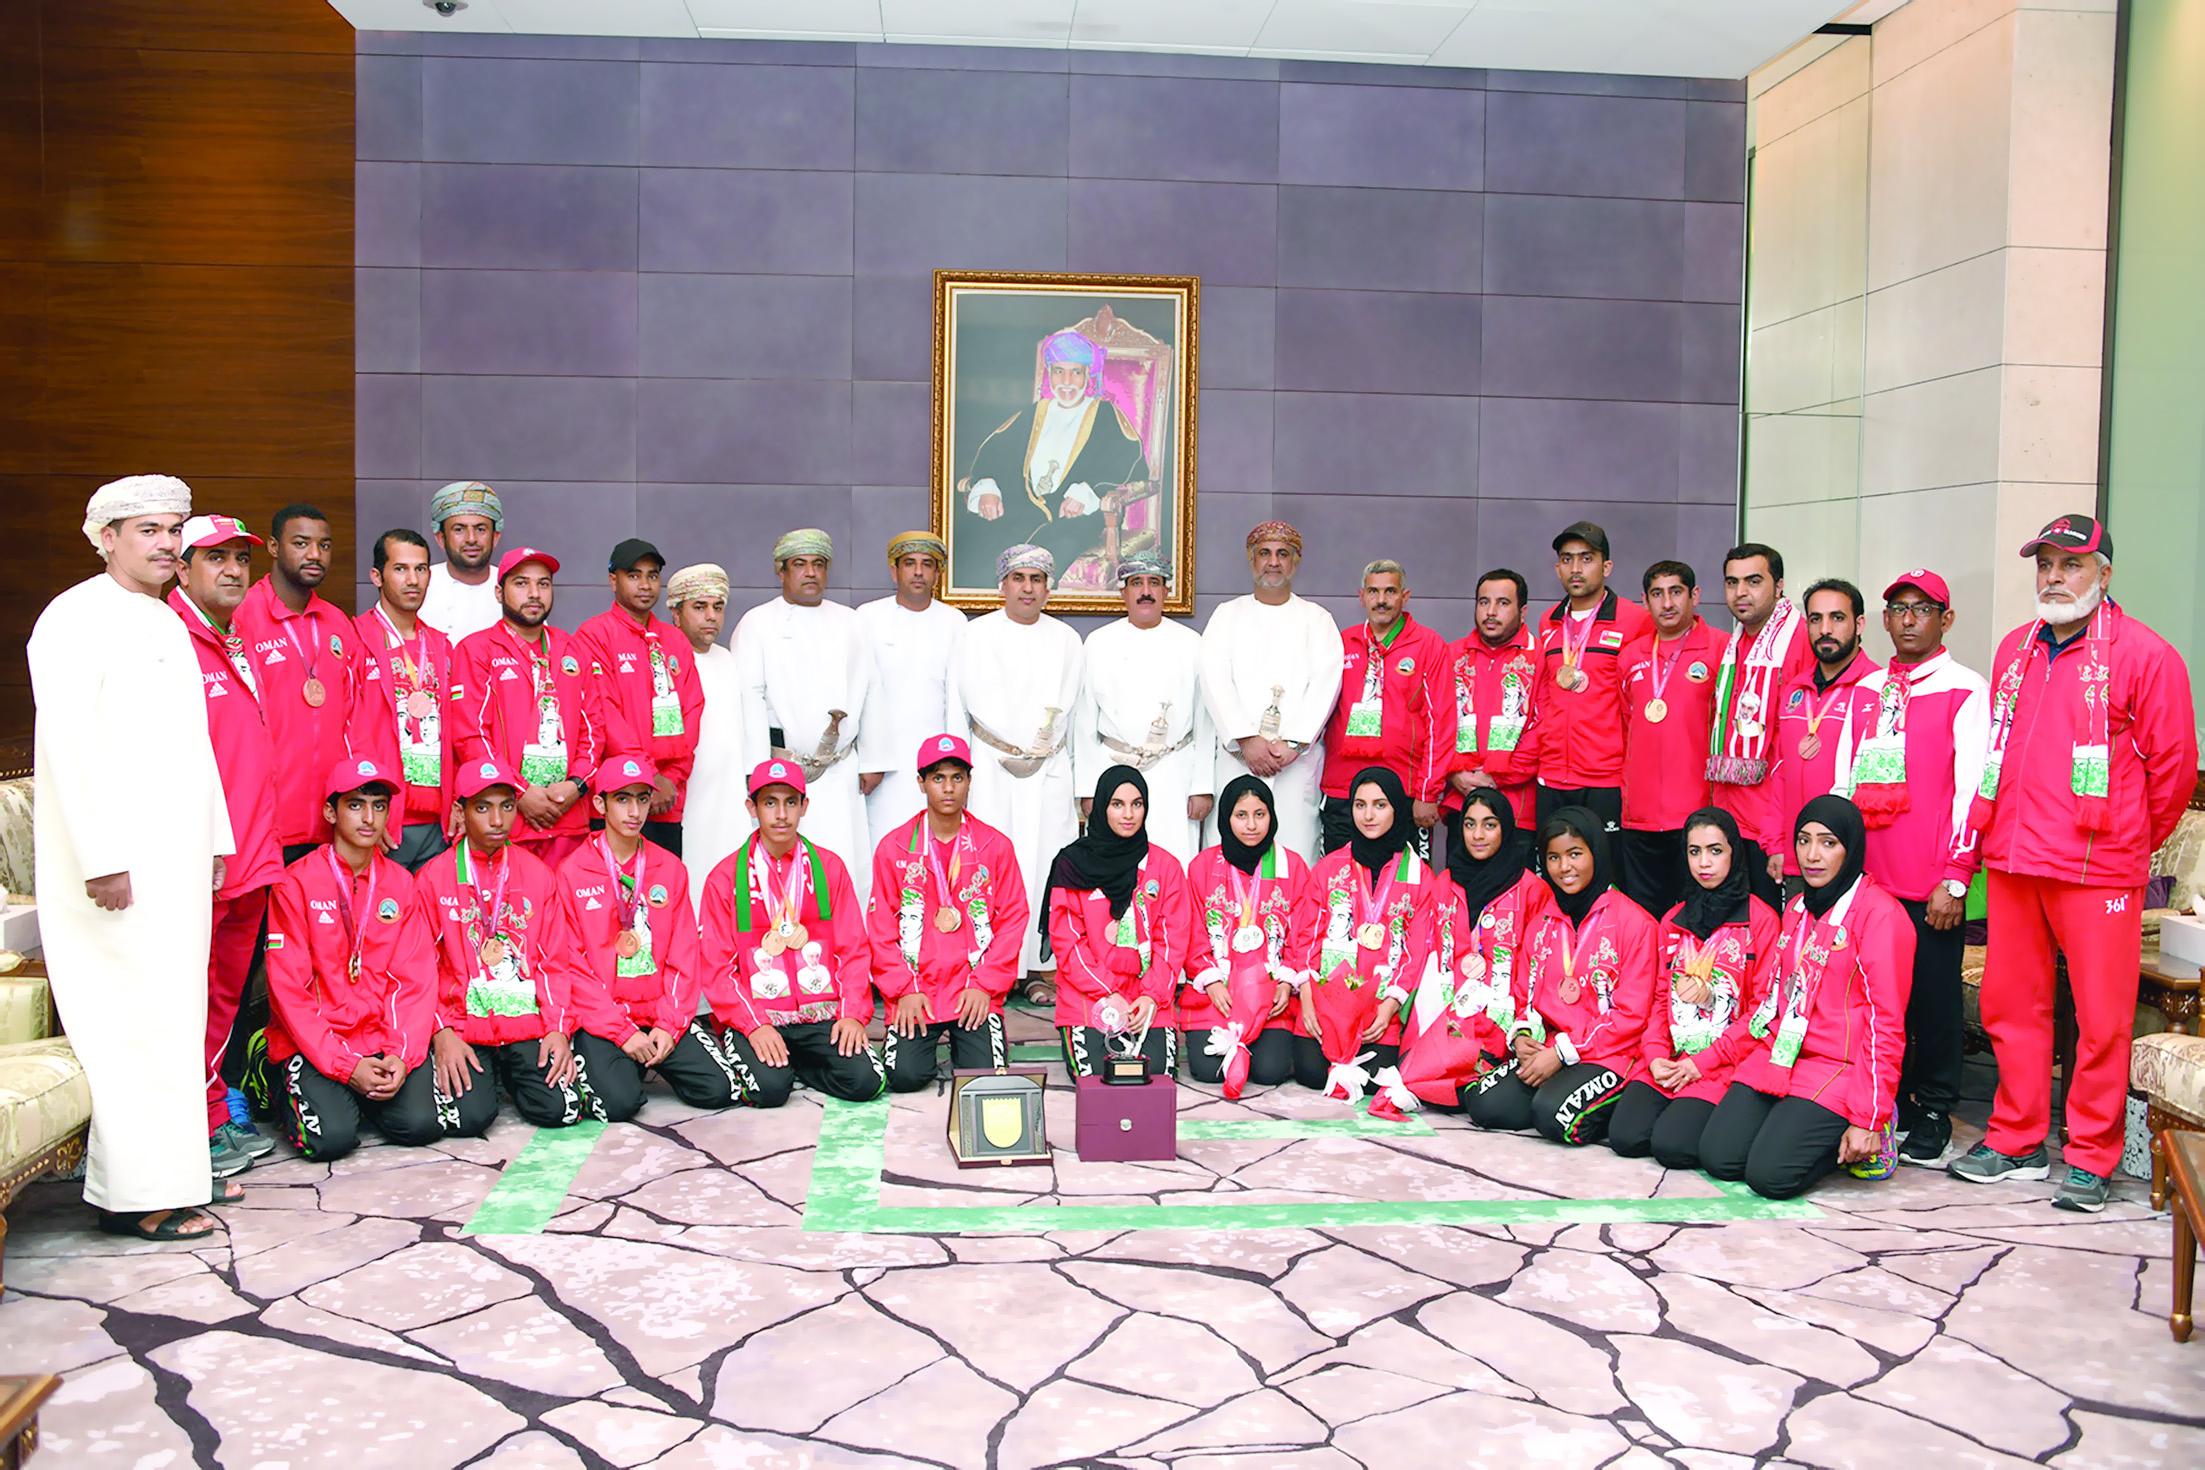 حقق خلالها «44»ميدالية ملونة الفريق الوطني للرماية ثانياً في البطولة العربية بقطر